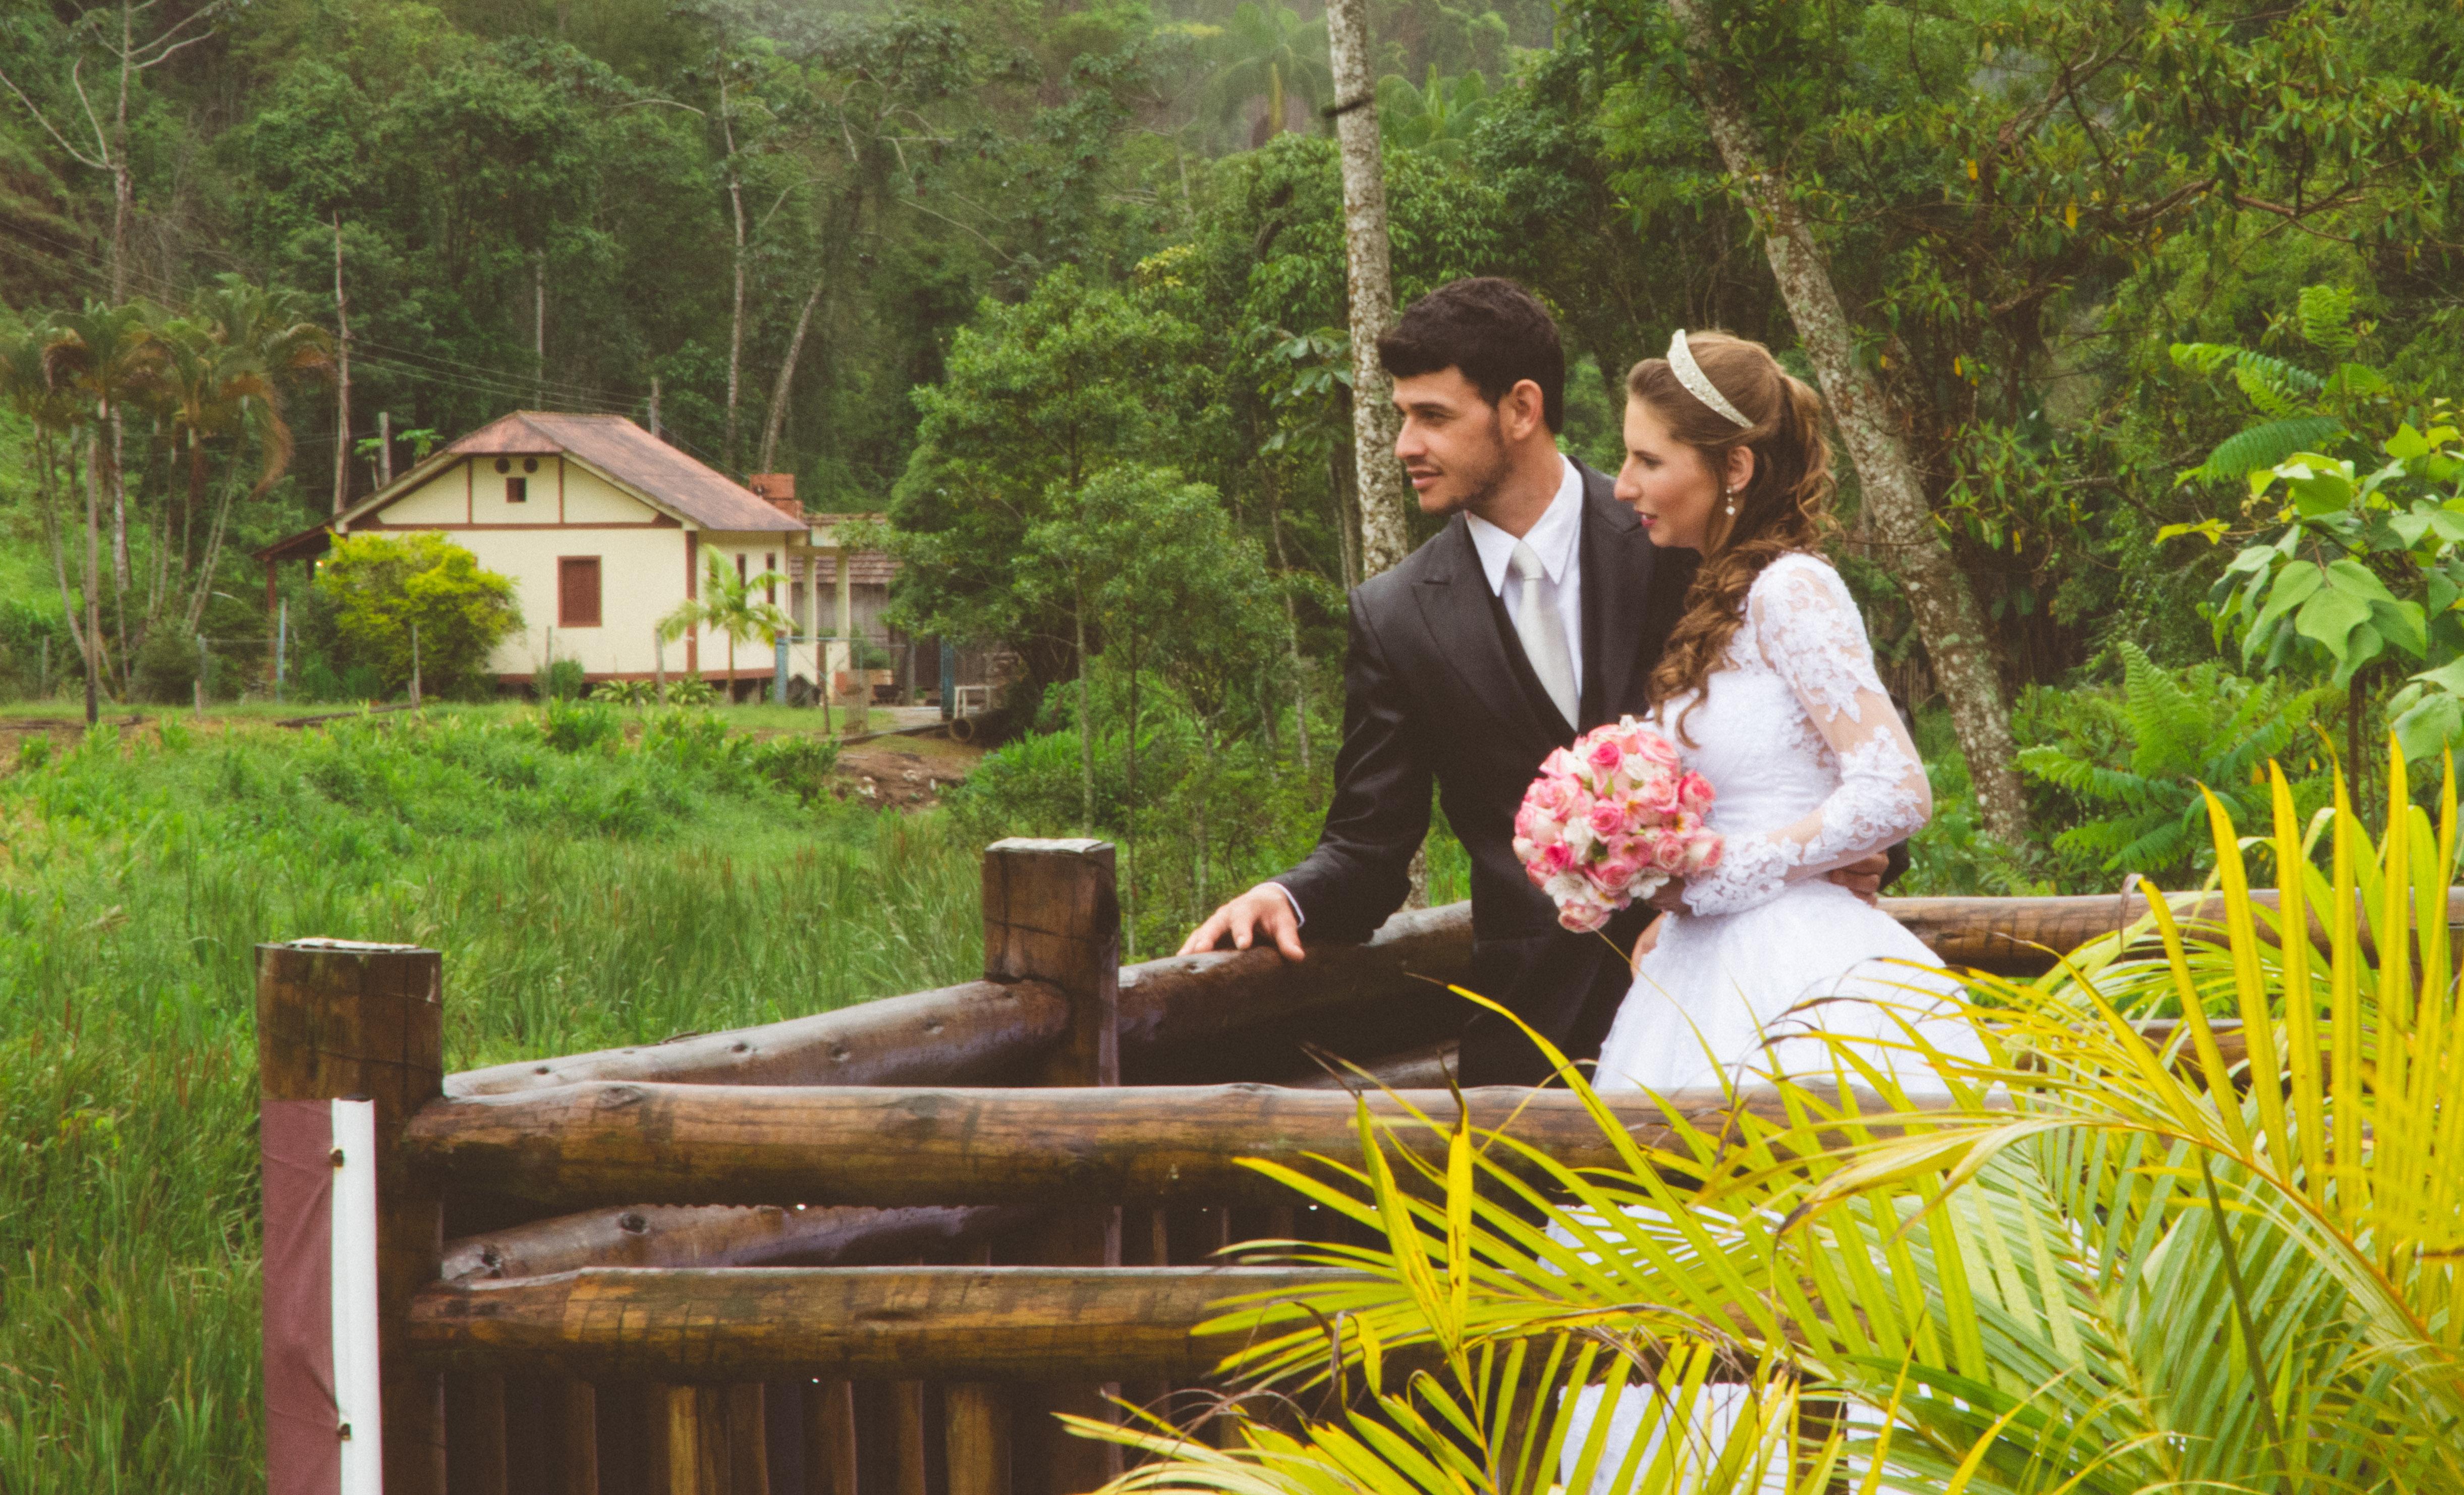 Find a Click fotografia de casamento cariacica es-348